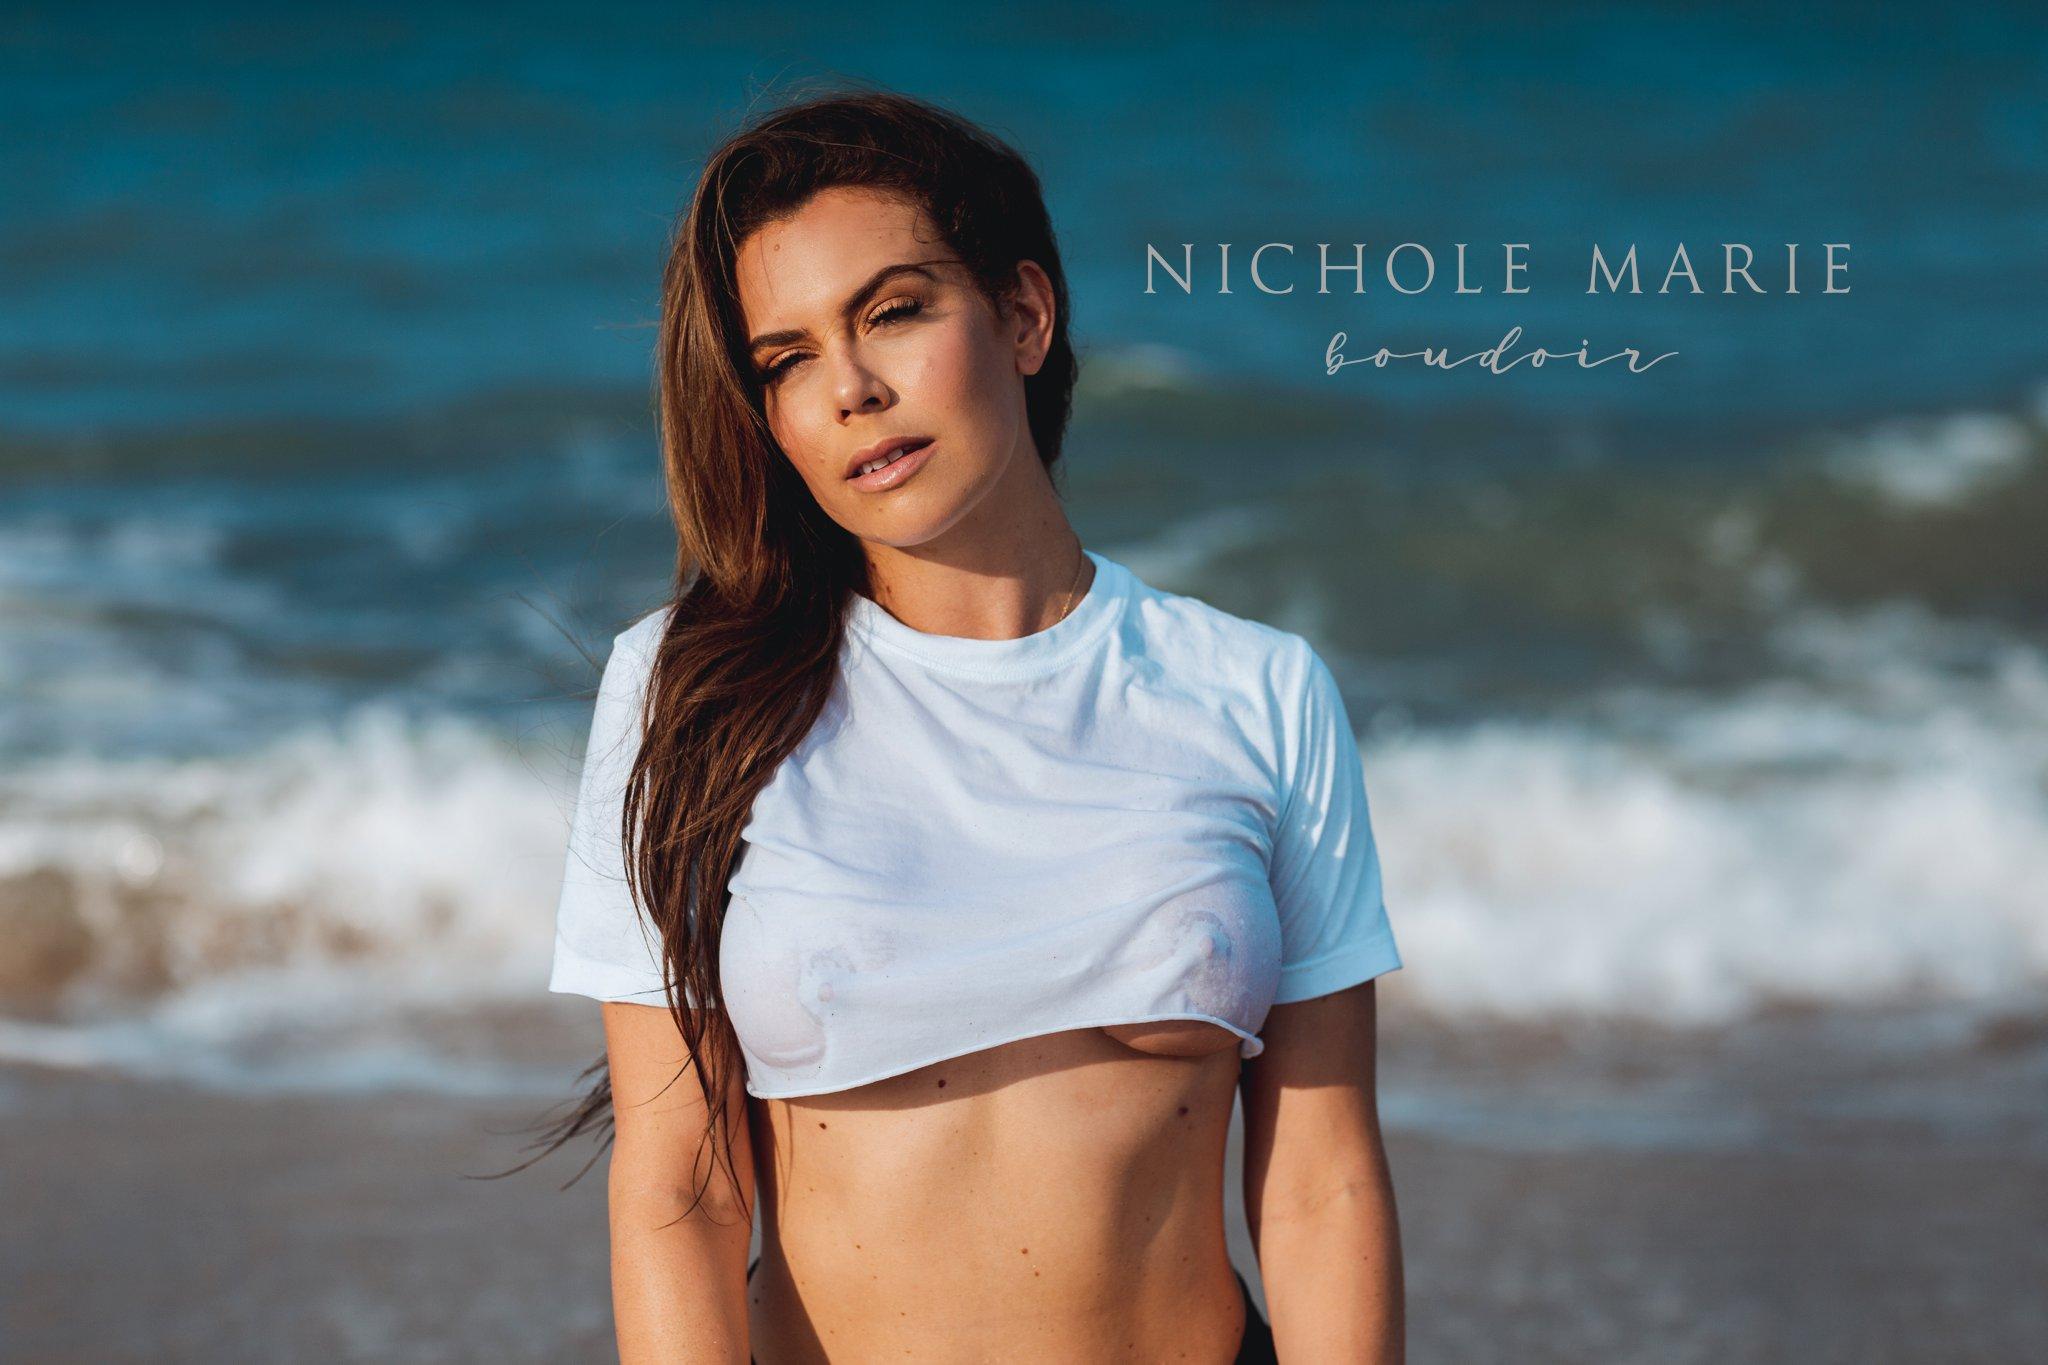 SEBASTIAN FLORIDA BOUDOIR PHOTOGRAPHER | NICHOLE MARIE BOUDOIR_0442.jpg